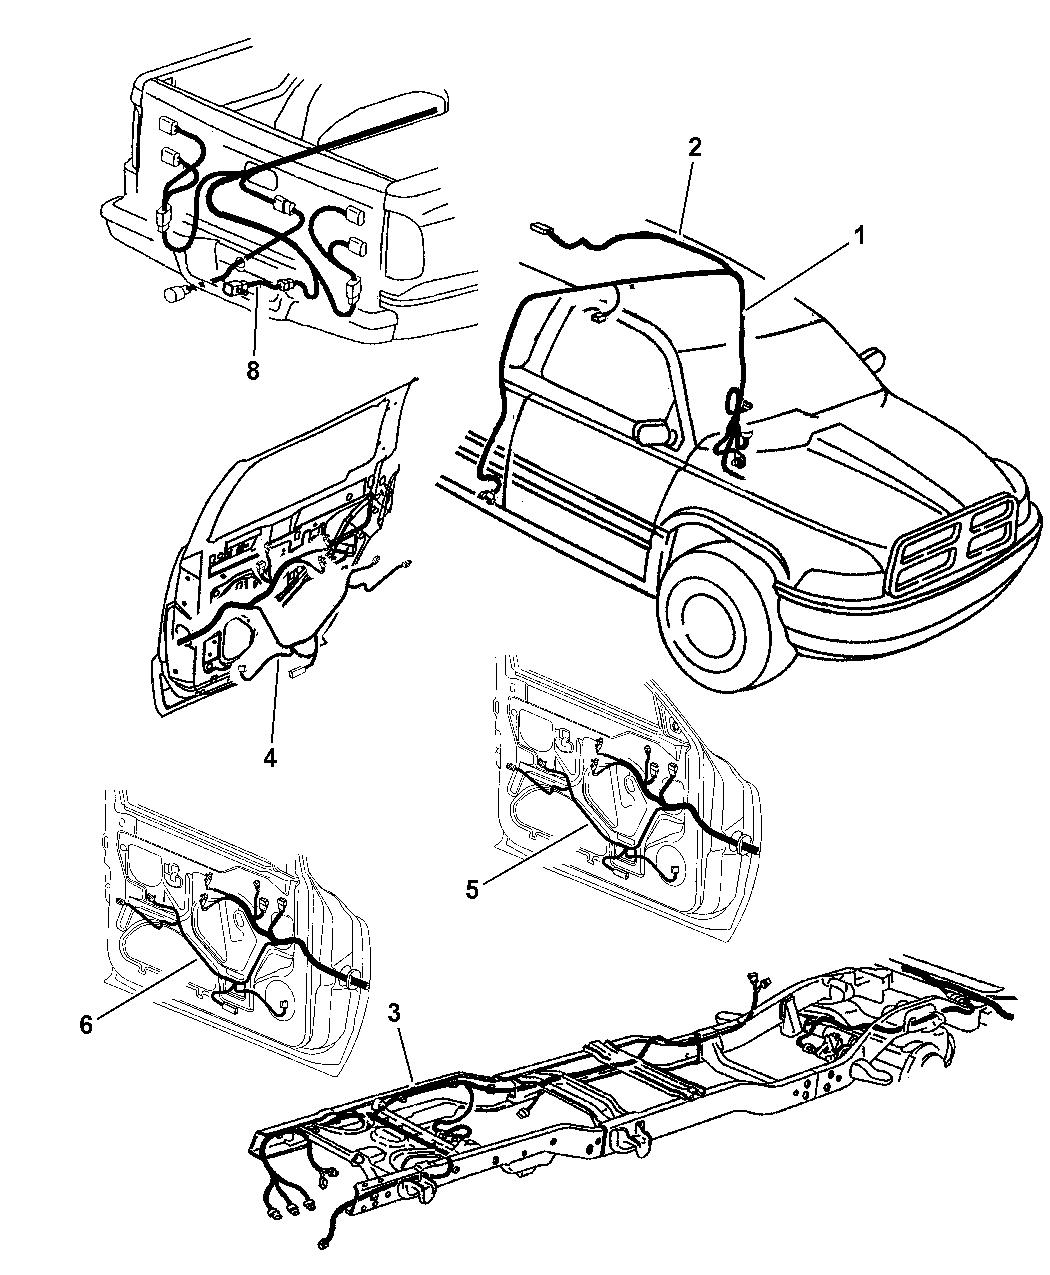 6101756 - Genuine Dodge FUSE-FUSEABLE LINK